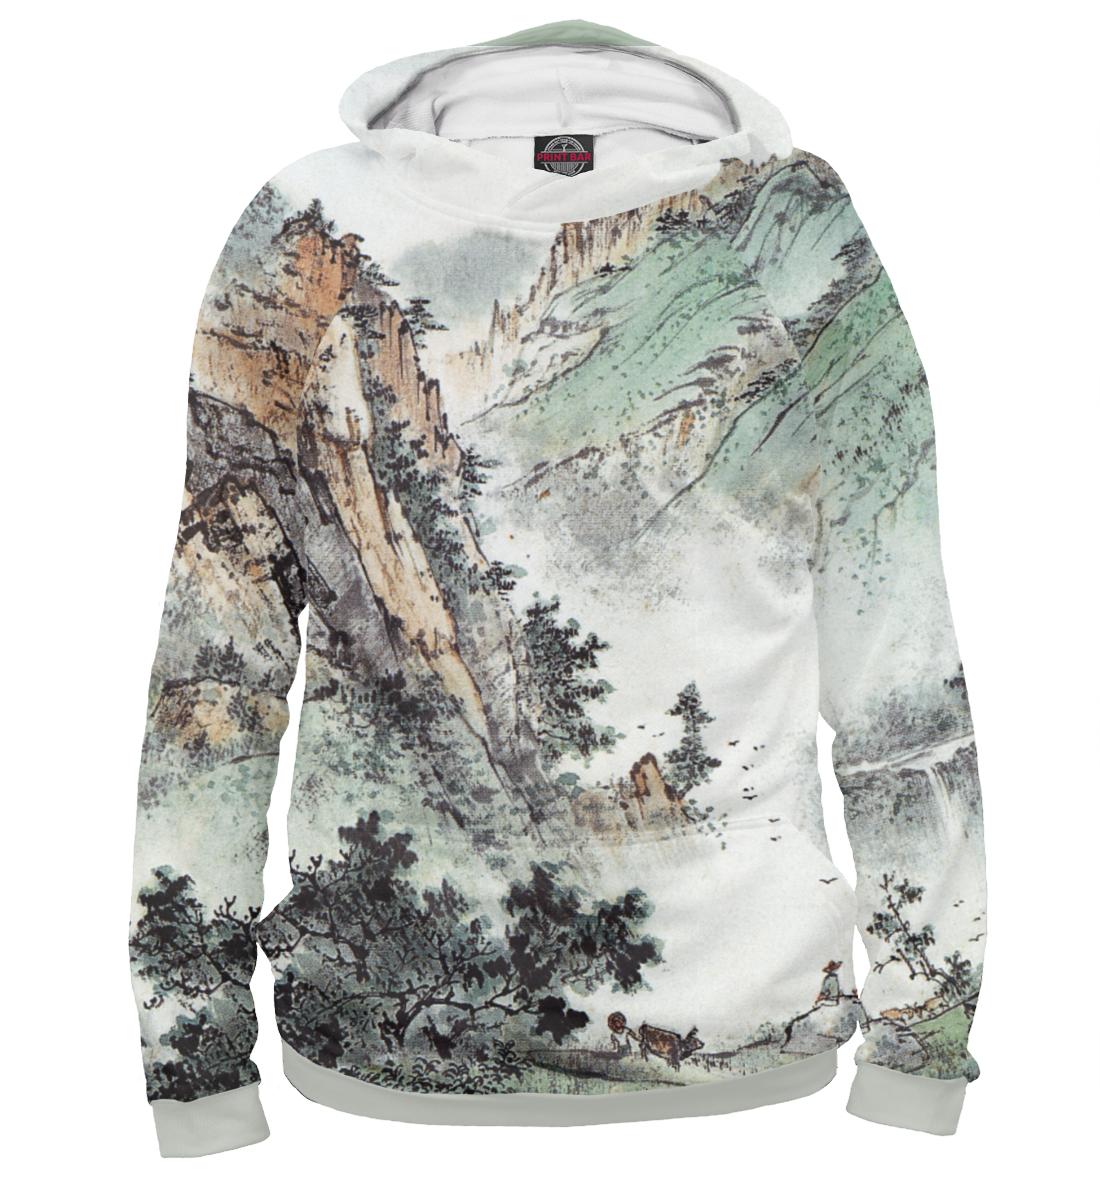 Купить Горы Китая, Printbar, Худи, GHI-521243-hud-2